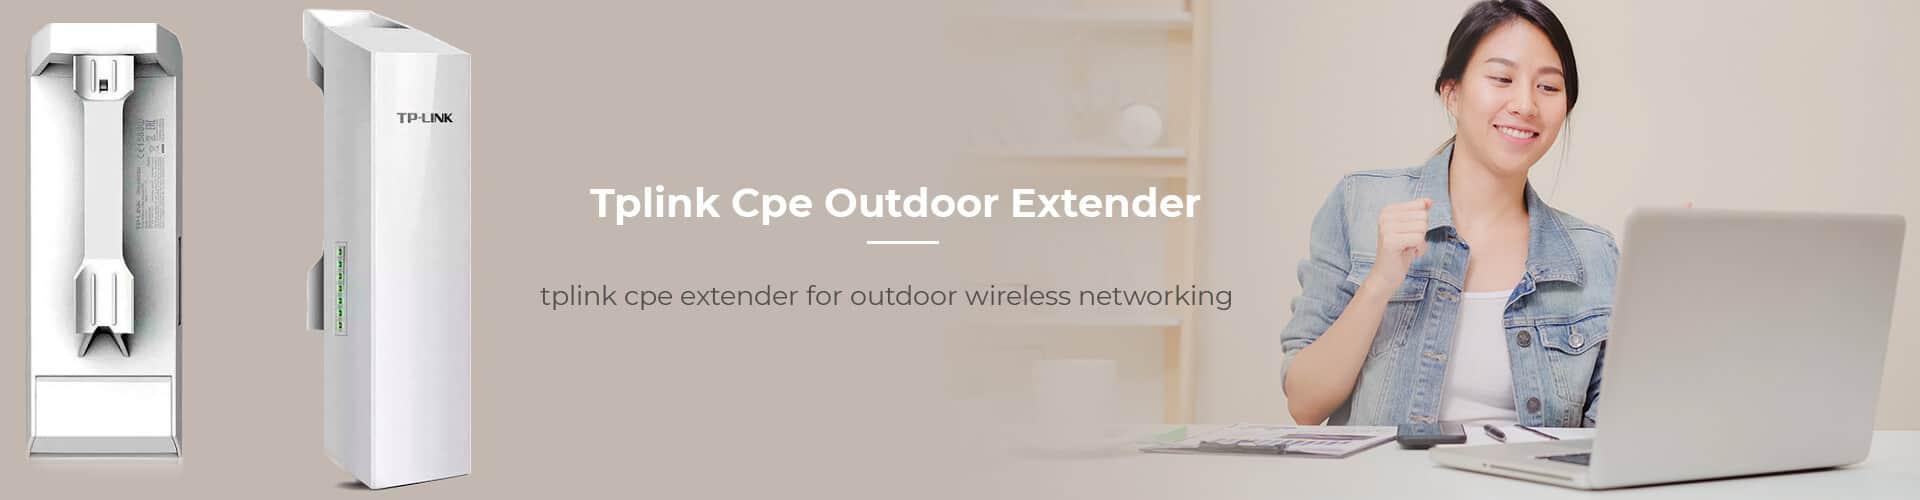 Tplink CPE Outdoor Extender